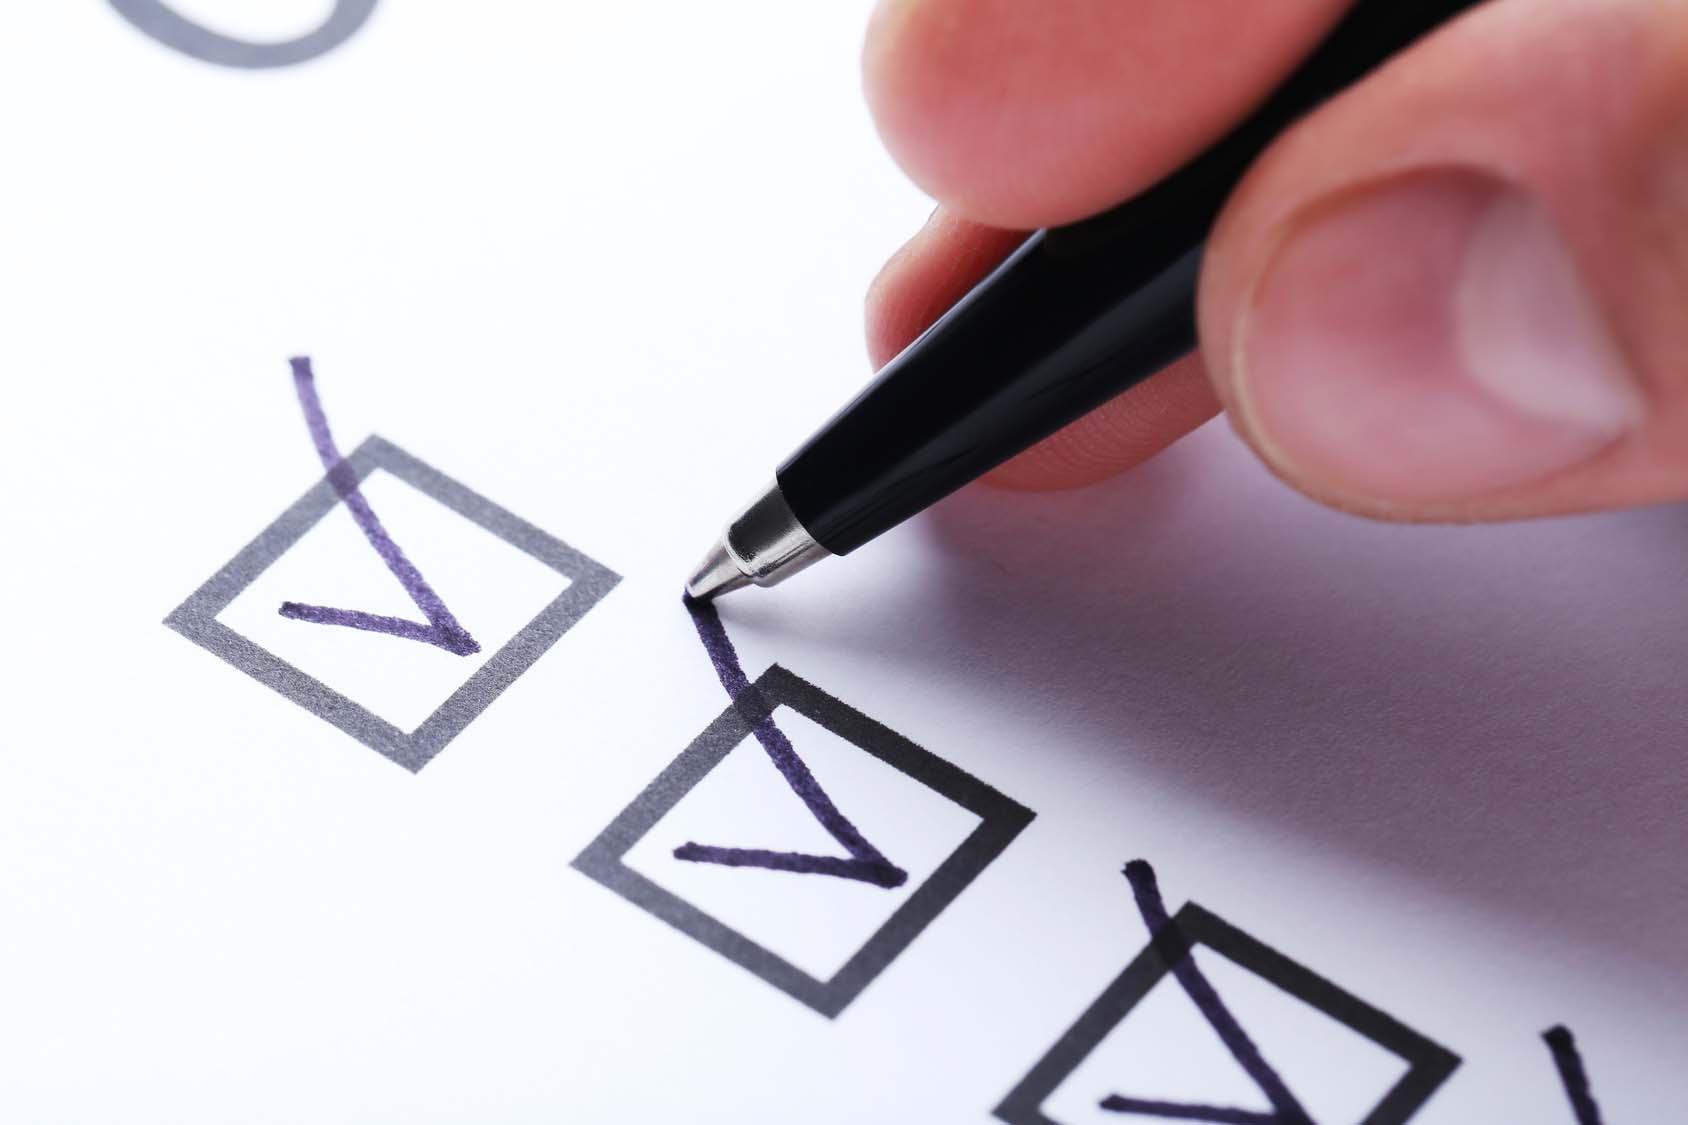 Checkliste: So machen Sie Ihre Protokolle im Verein unangreifbar